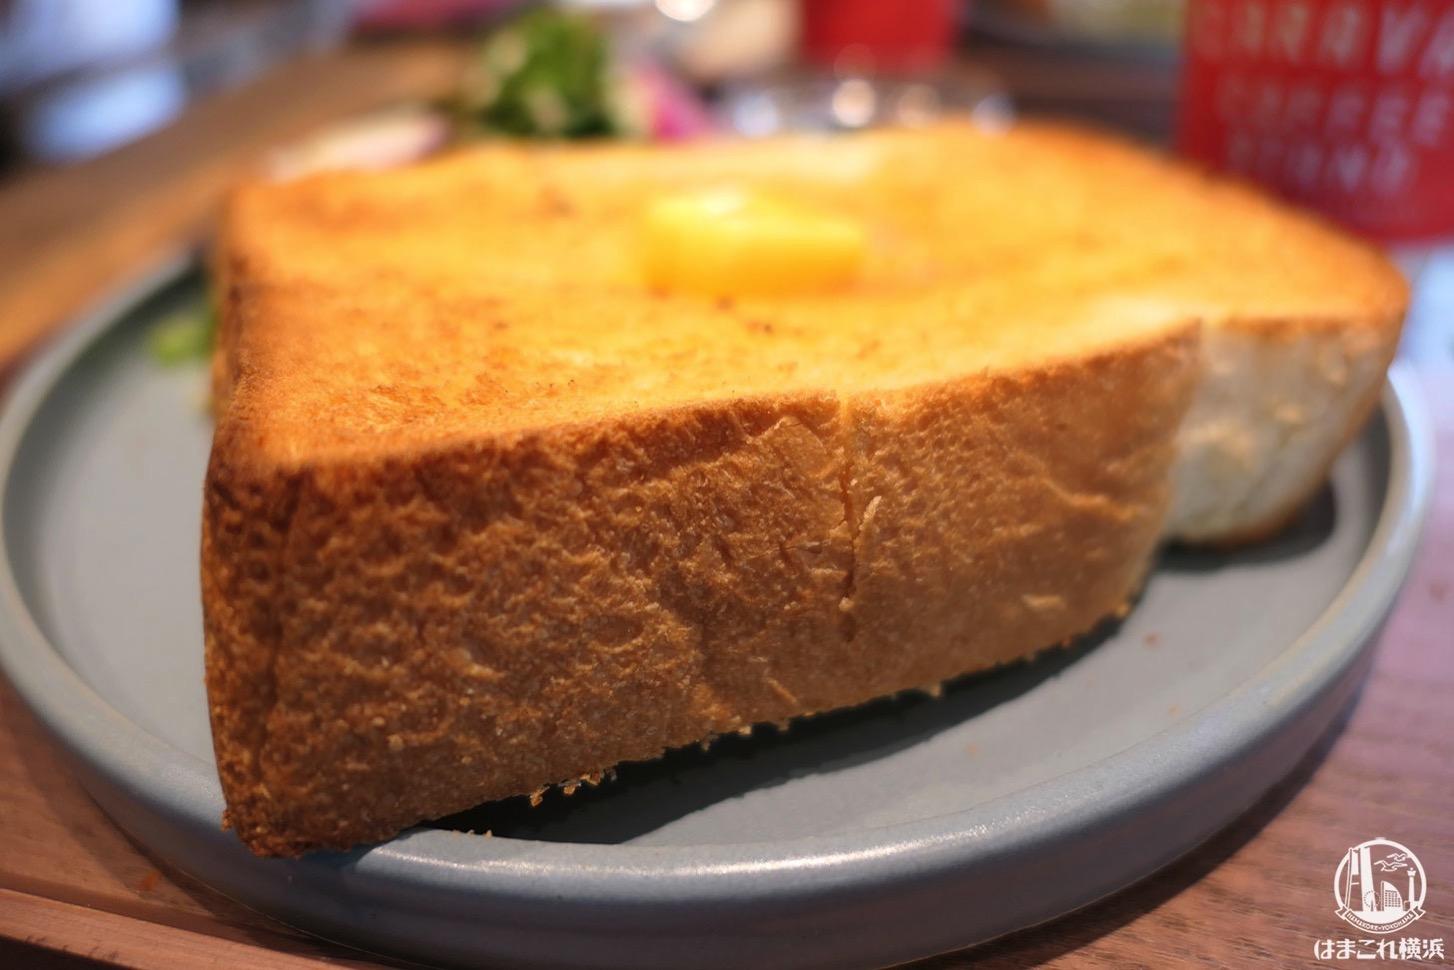 キャラバンコーヒースタンド モーニングセット トーストの厚み